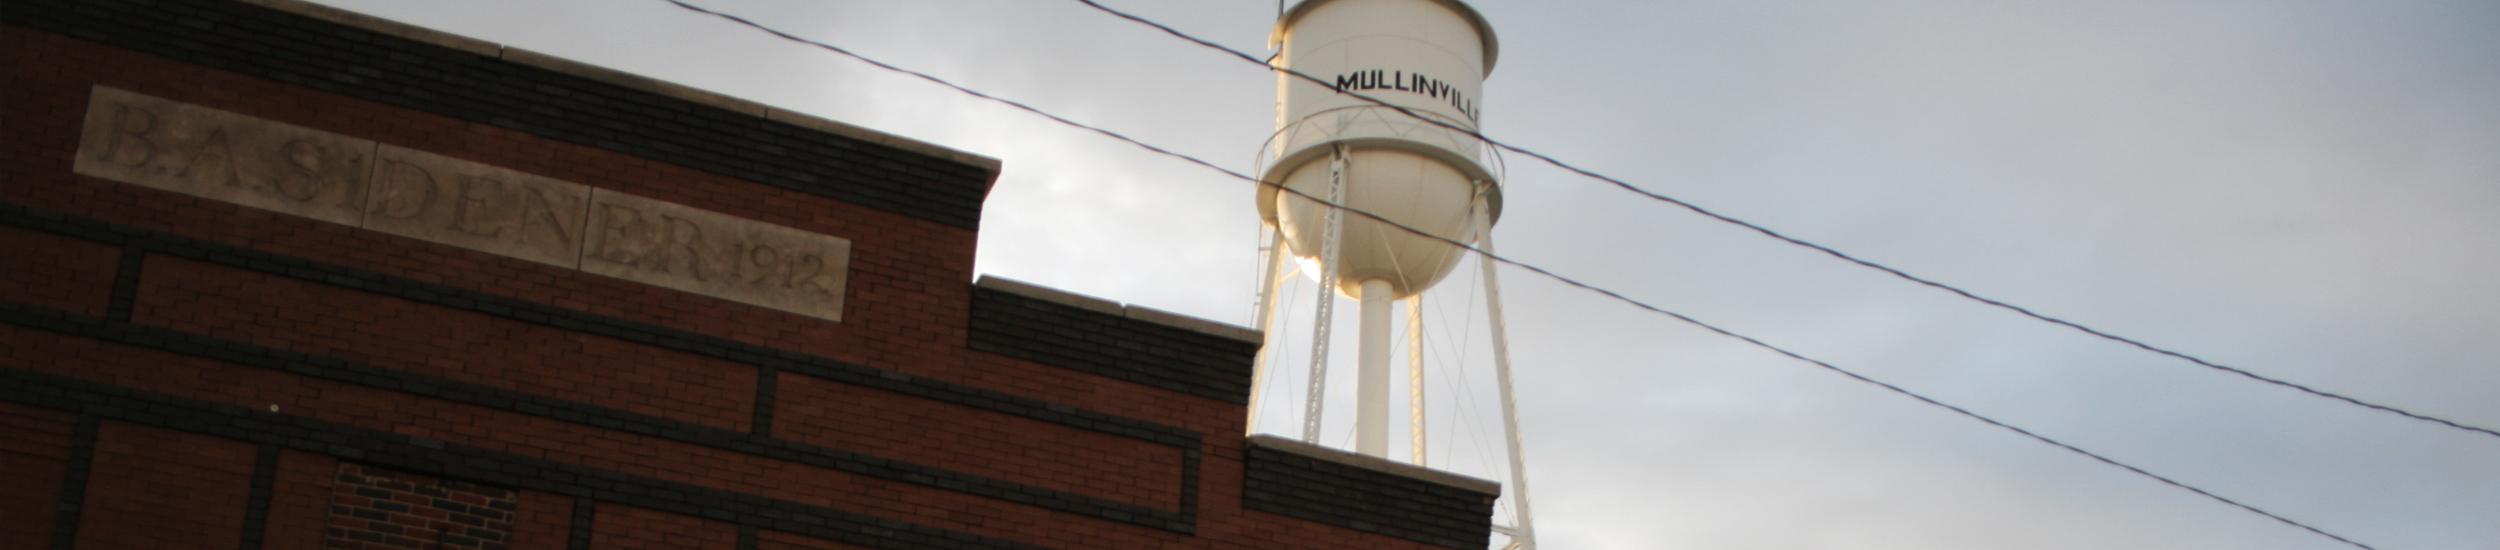 Mullinville